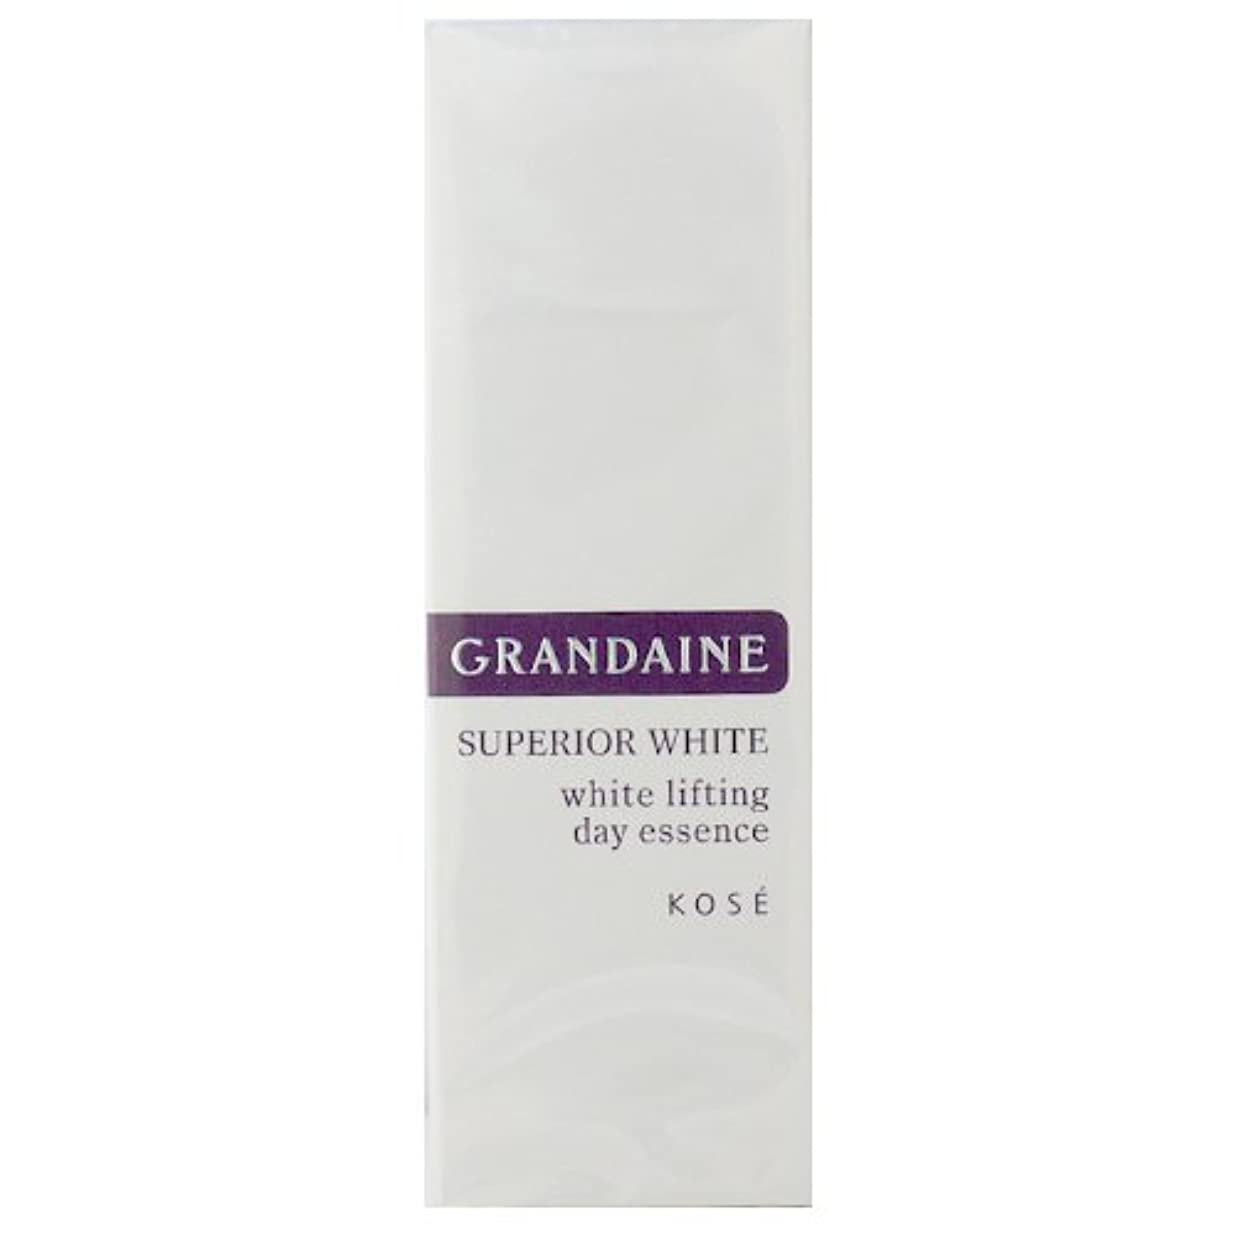 敬意解く首コーセー グランデーヌ スーペリア ホワイト ホワイトリフティング デイエッセンス SPF30 PA++ 30g